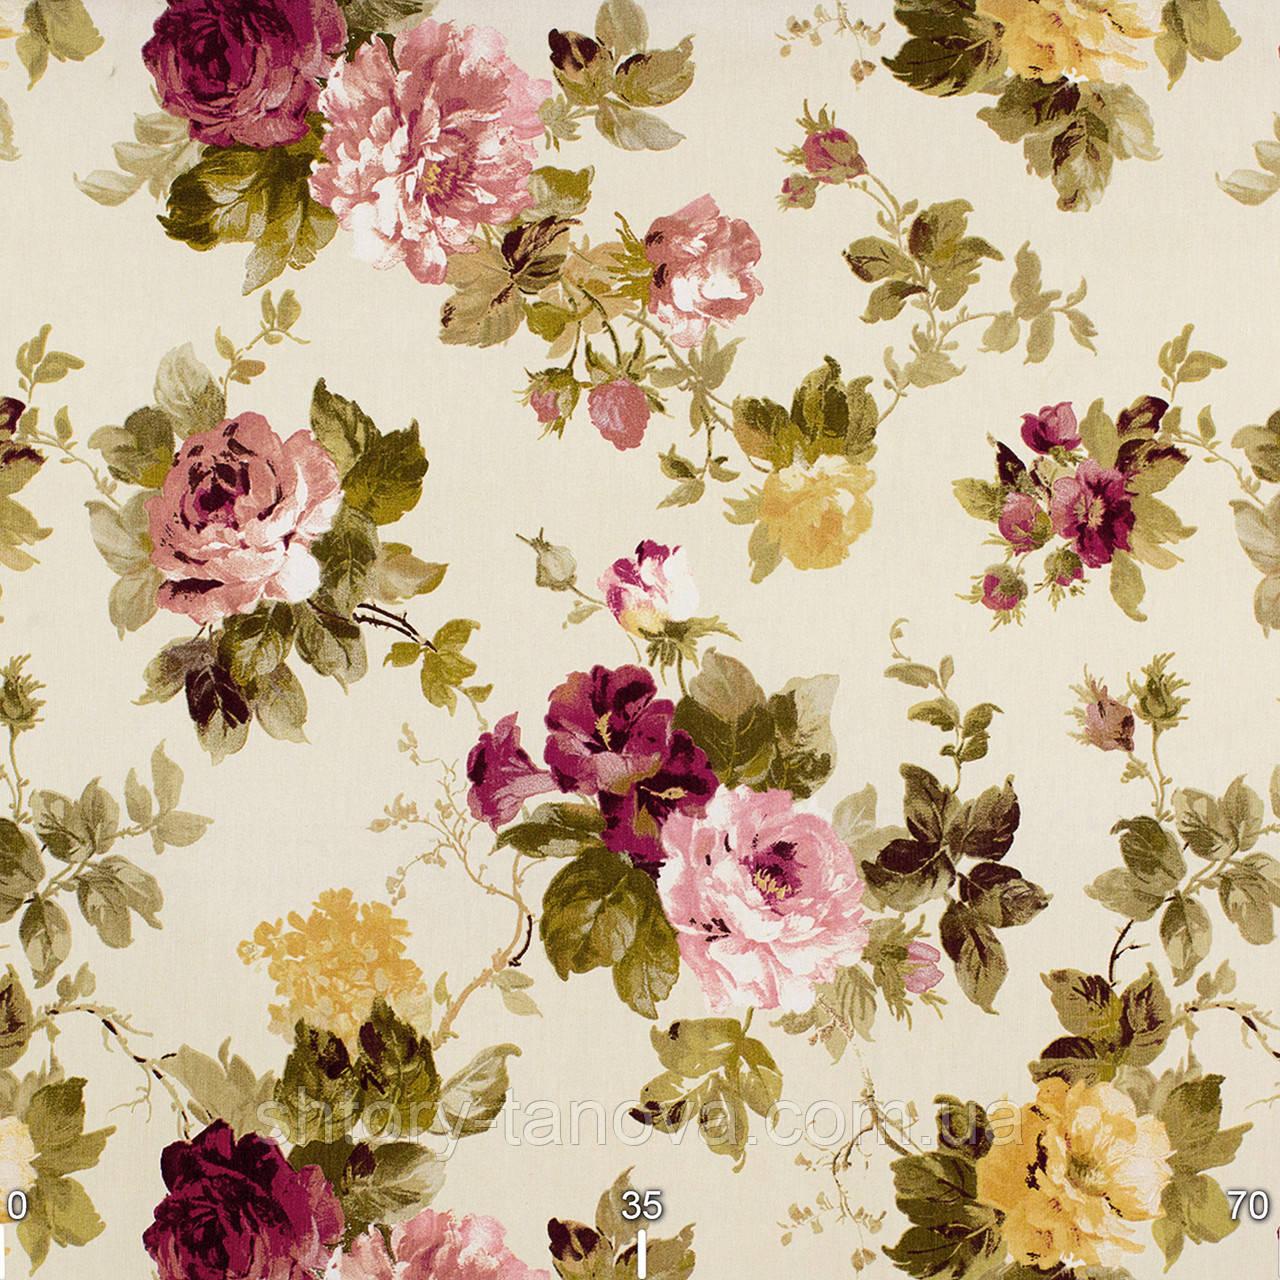 Штори у стилі прованс троянди малиновий